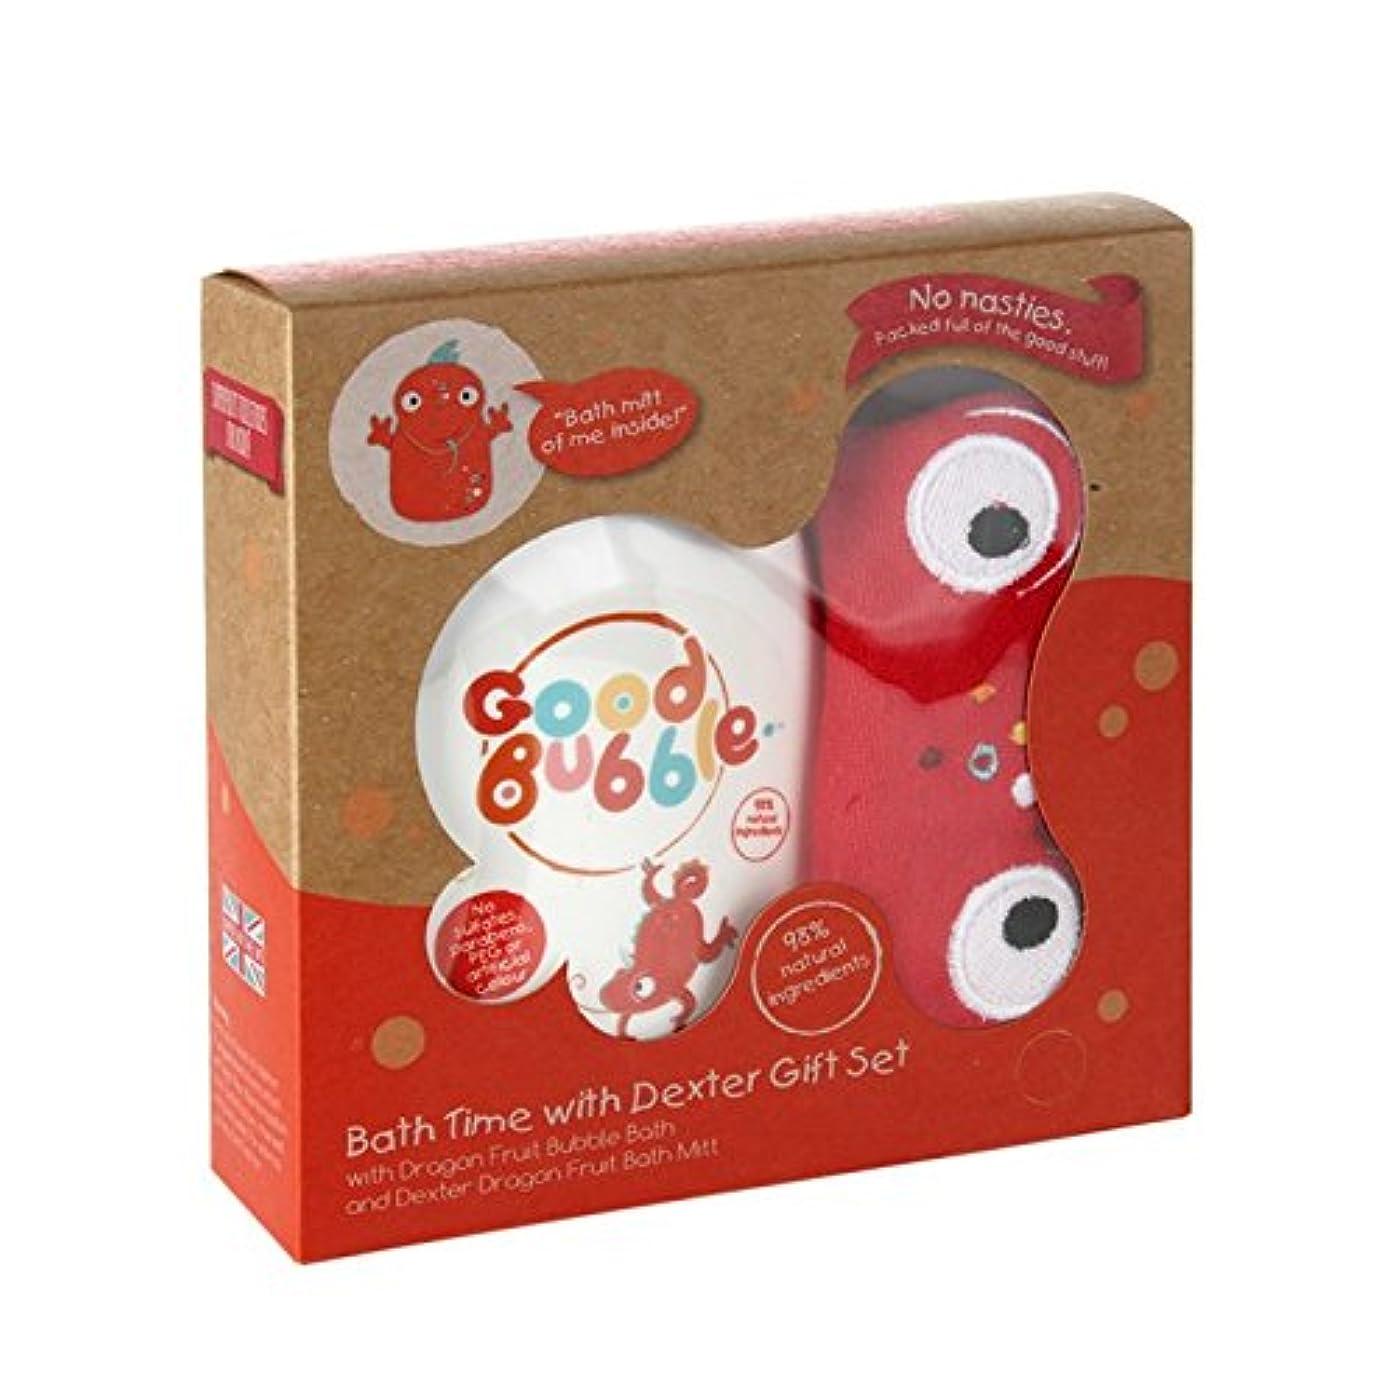 失うリスルネッサンス良いバブルデクスターDragonfruitギフトセット550グラム - Good Bubble Dexter Dragonfruit Gift Set 550g (Good Bubble) [並行輸入品]